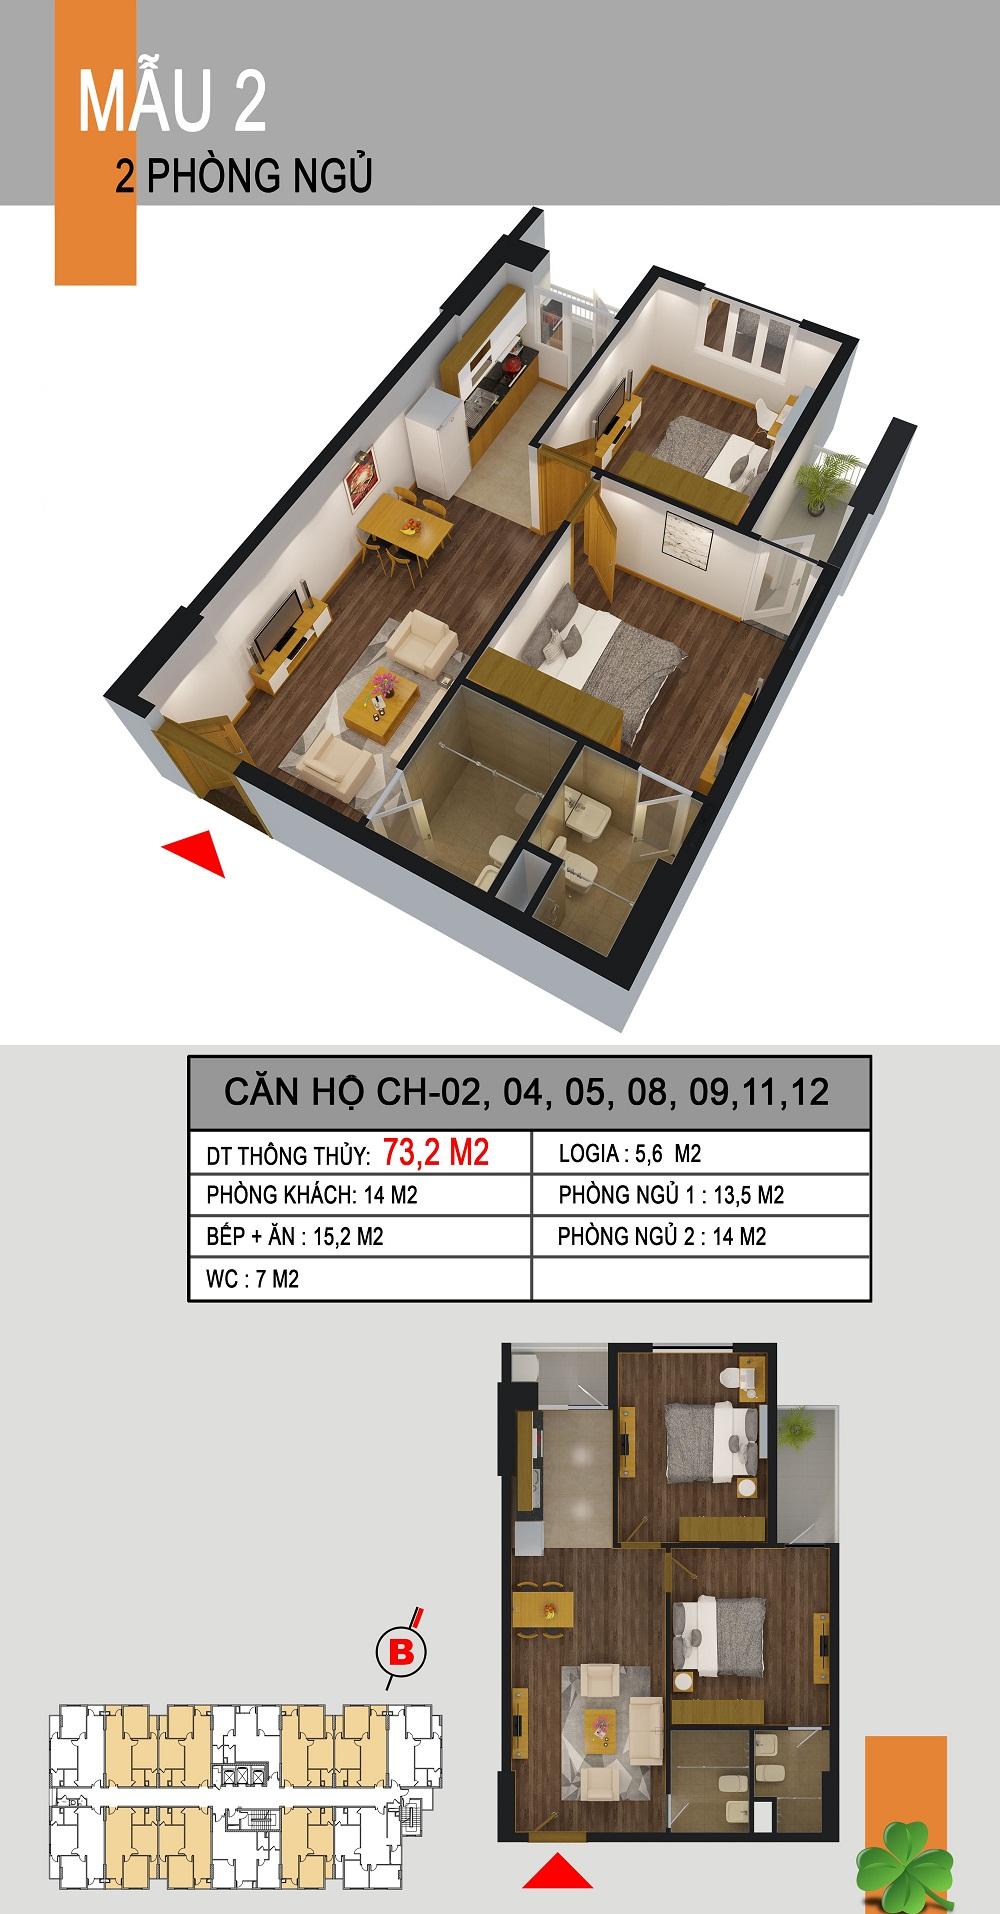 Thiết kế căn hộ CH-02,04,05,08,09,11,12 536a minh khai